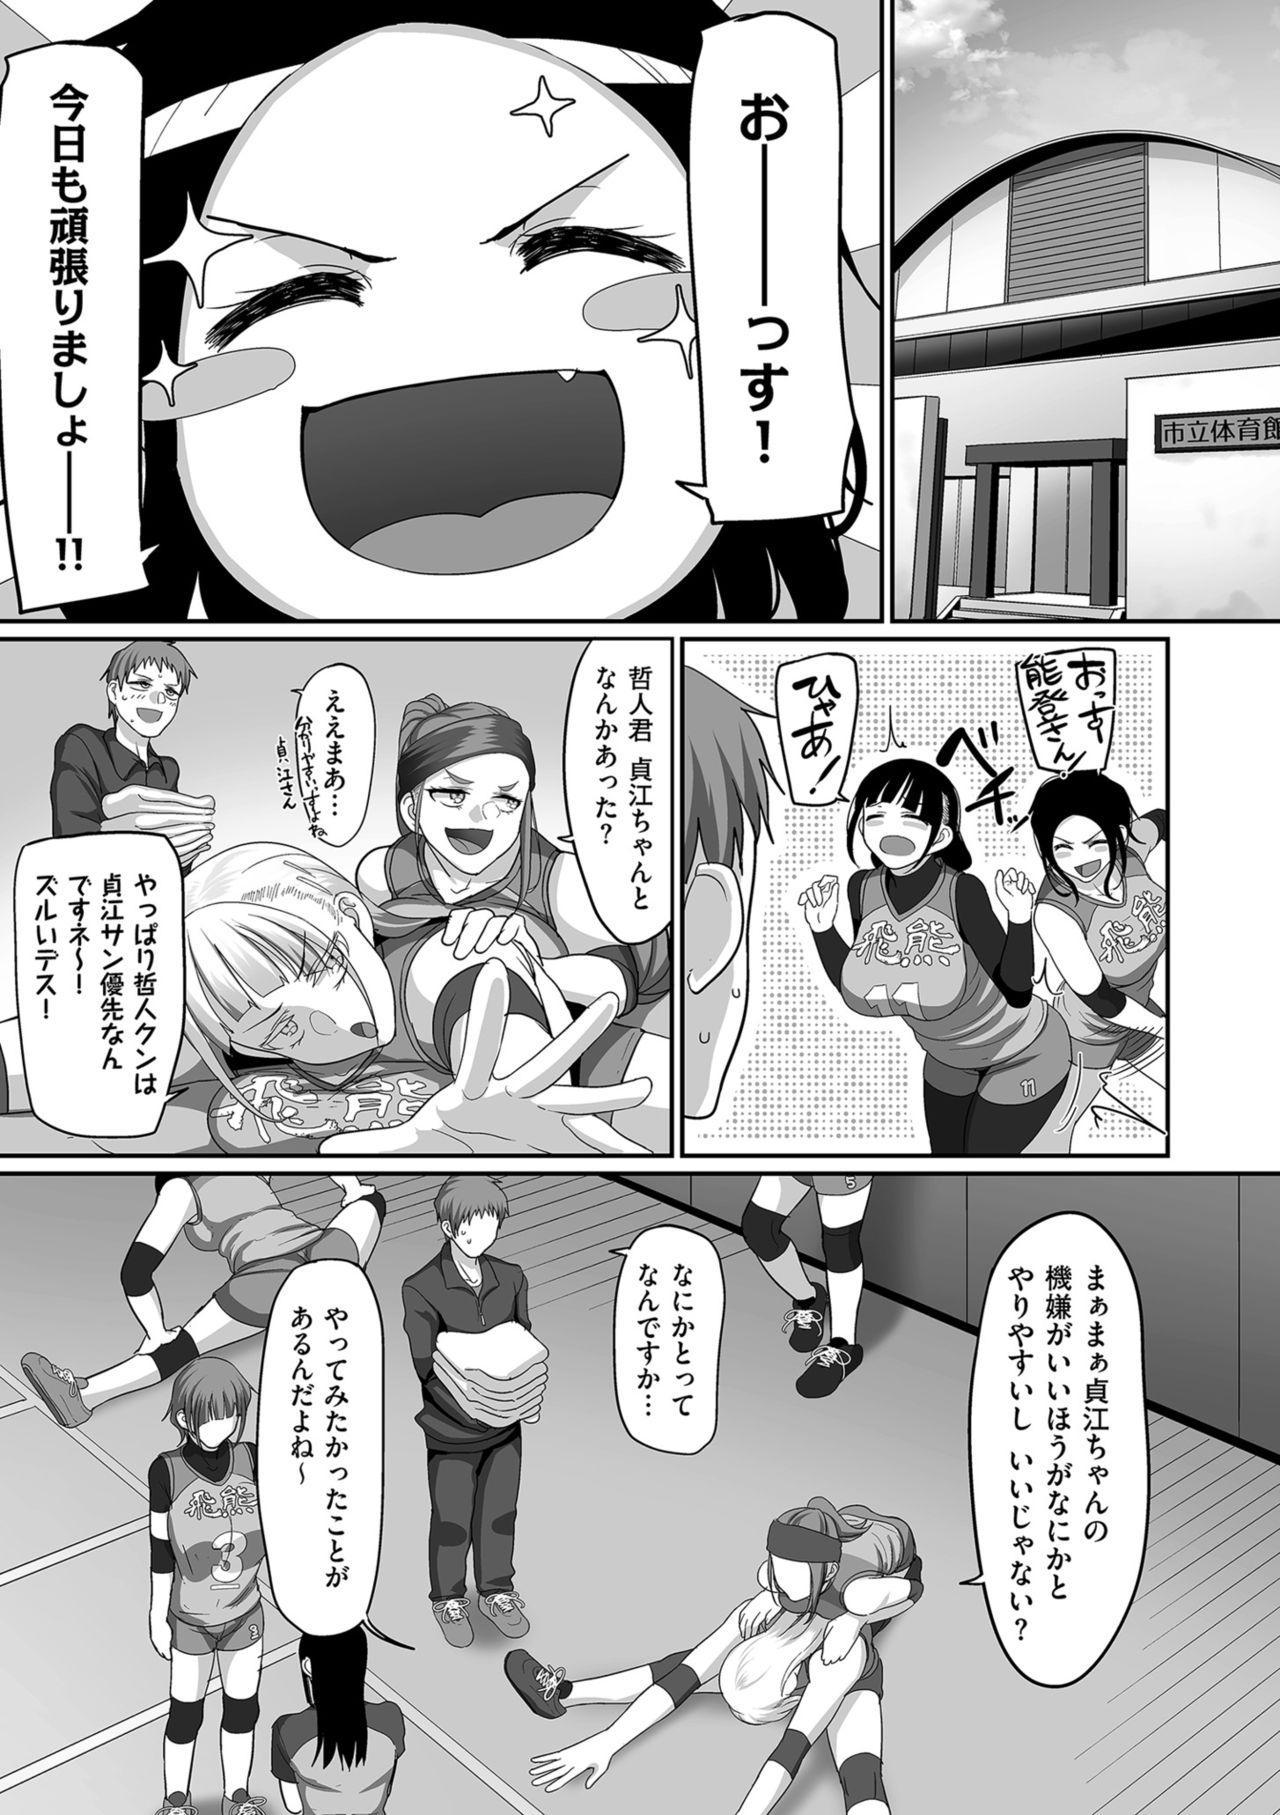 [Yamamoto Zenzen] S-ken K-shi Shakaijin Joshi Volleyball Circle no Jijou [Digital] 182